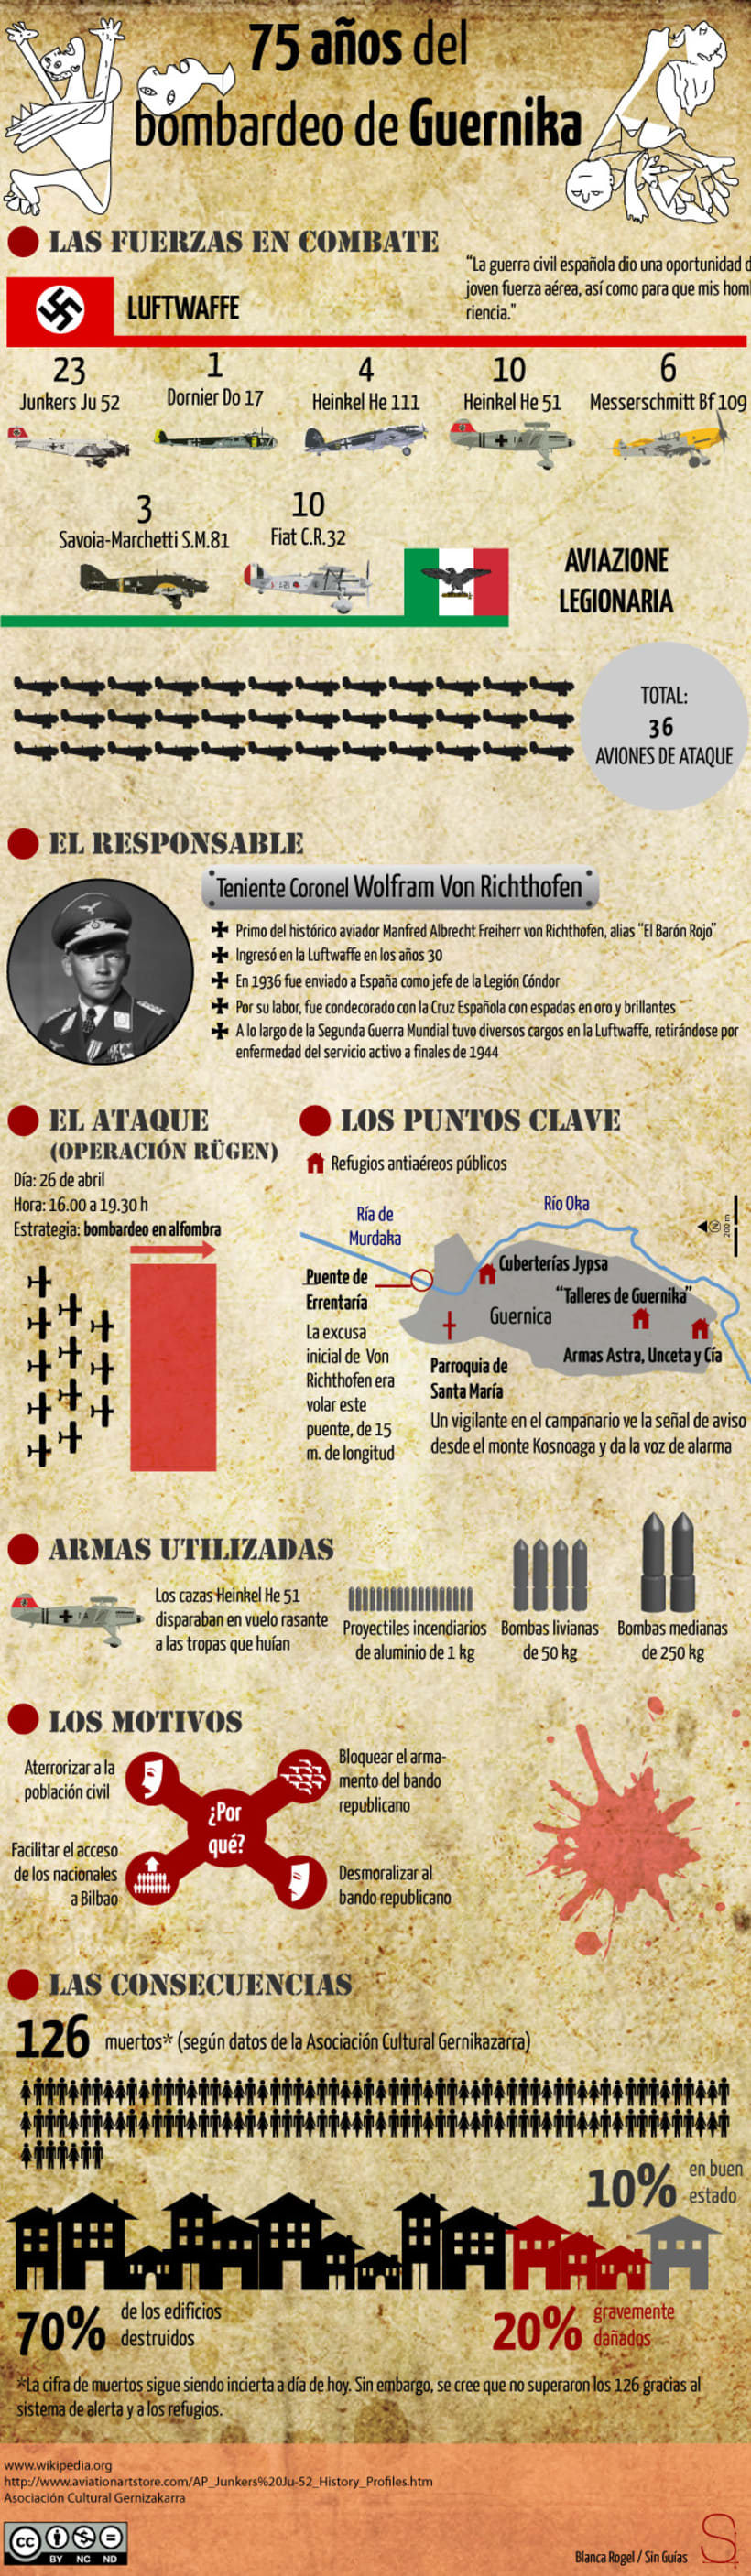 75 años del Bombardeo de Guernica 1